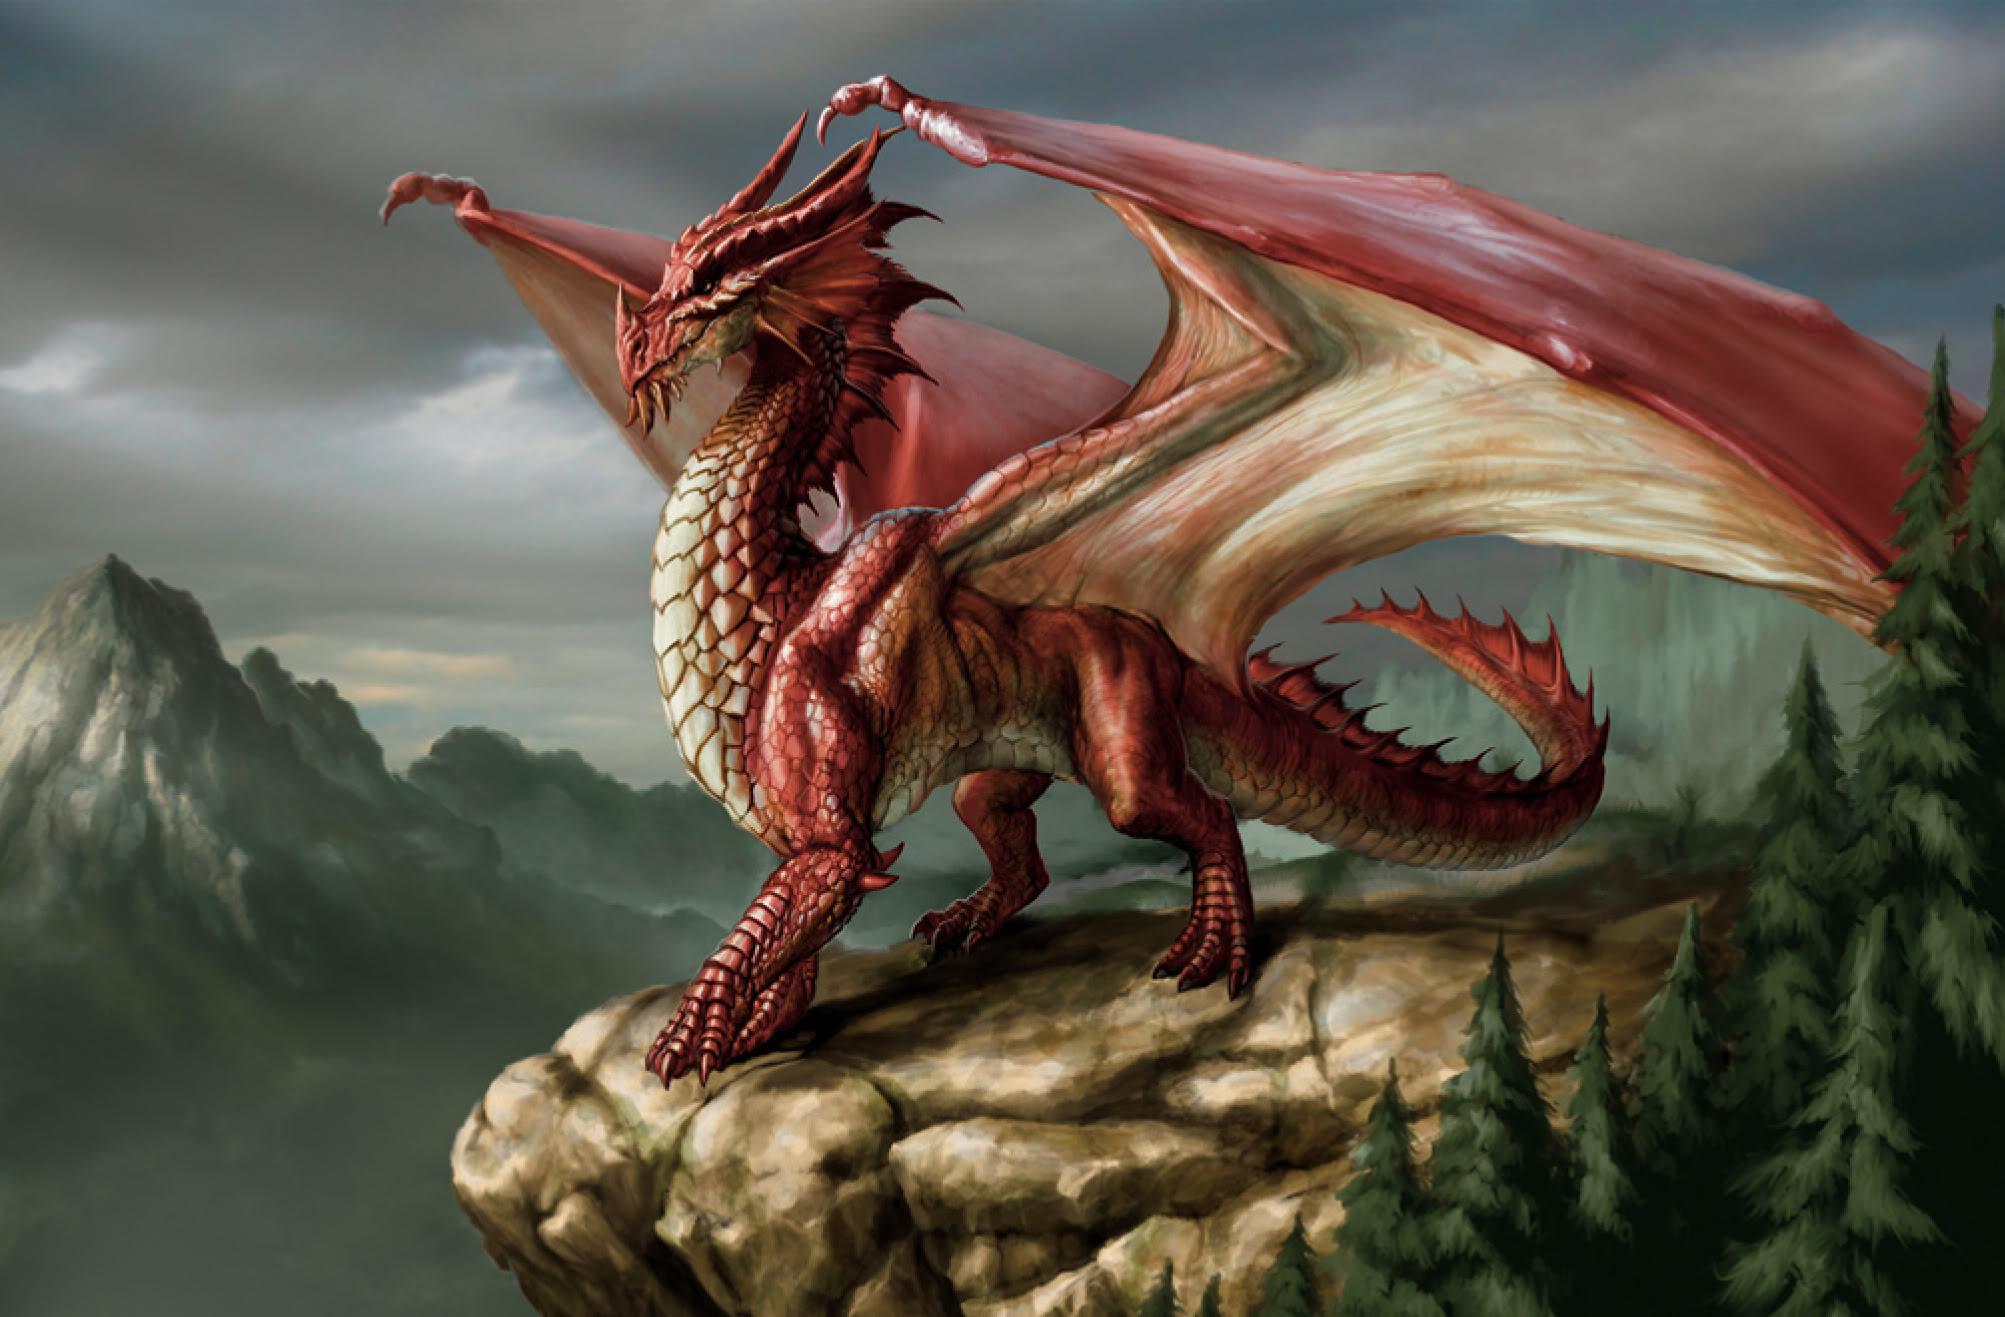 фото картинка драконы дракон